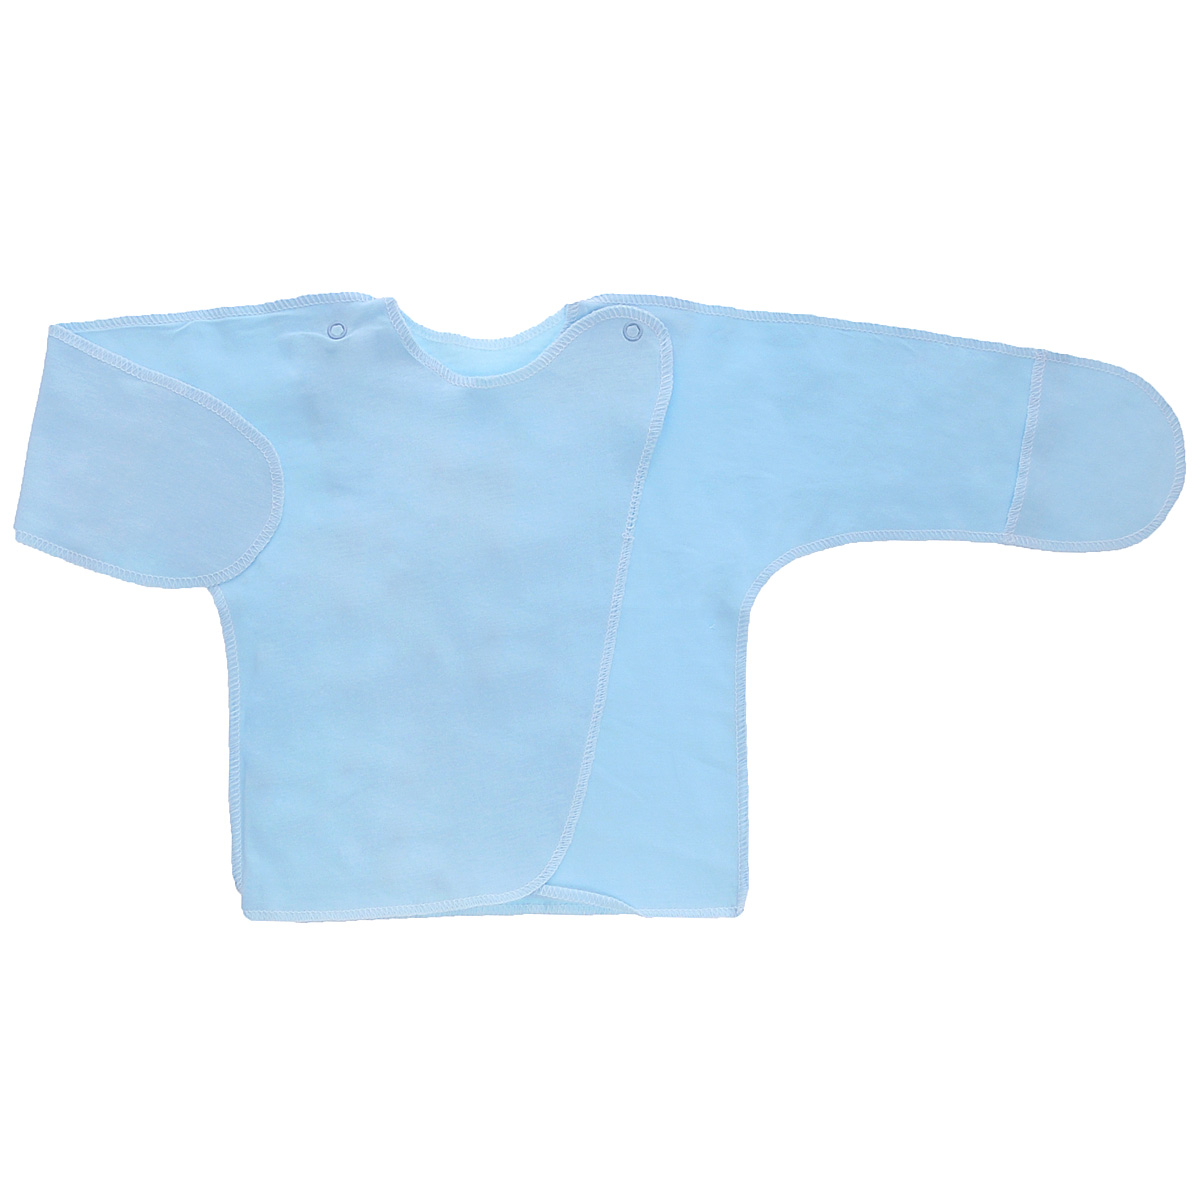 Распашонка Трон-плюс, цвет: голубой. 5003. Размер 56, 1 месяц5003Распашонка с закрытыми ручками Трон-плюс послужит идеальным дополнением к гардеробу младенца. Распашонка, выполненная швами наружу, изготовлена из кулирного полотна - натурального хлопка, благодаря чему она необычайно мягкая и легкая, не раздражает нежную кожу ребенка и хорошо вентилируется, а эластичные швы приятны телу малыша и не препятствуют его движениям. Распашонка с запахом, застегивается при помощи двух кнопок на плечах, которые позволяют без труда переодеть ребенка. Благодаря рукавичкам ребенок не поцарапает себя.